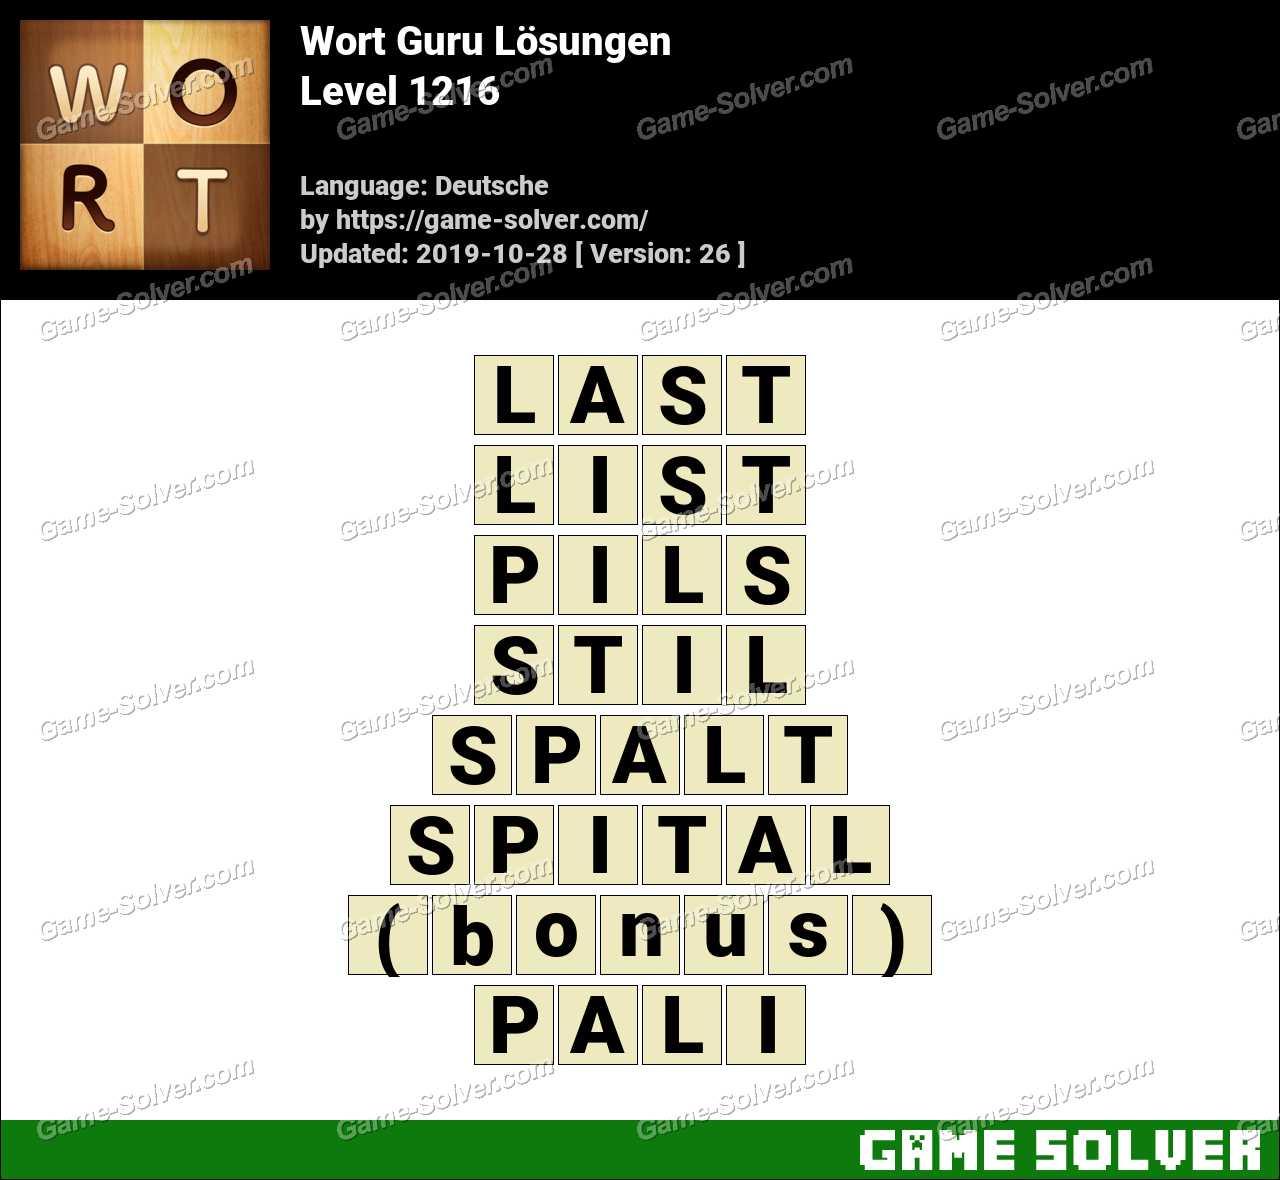 Wort Guru Level 1216 Lösungen